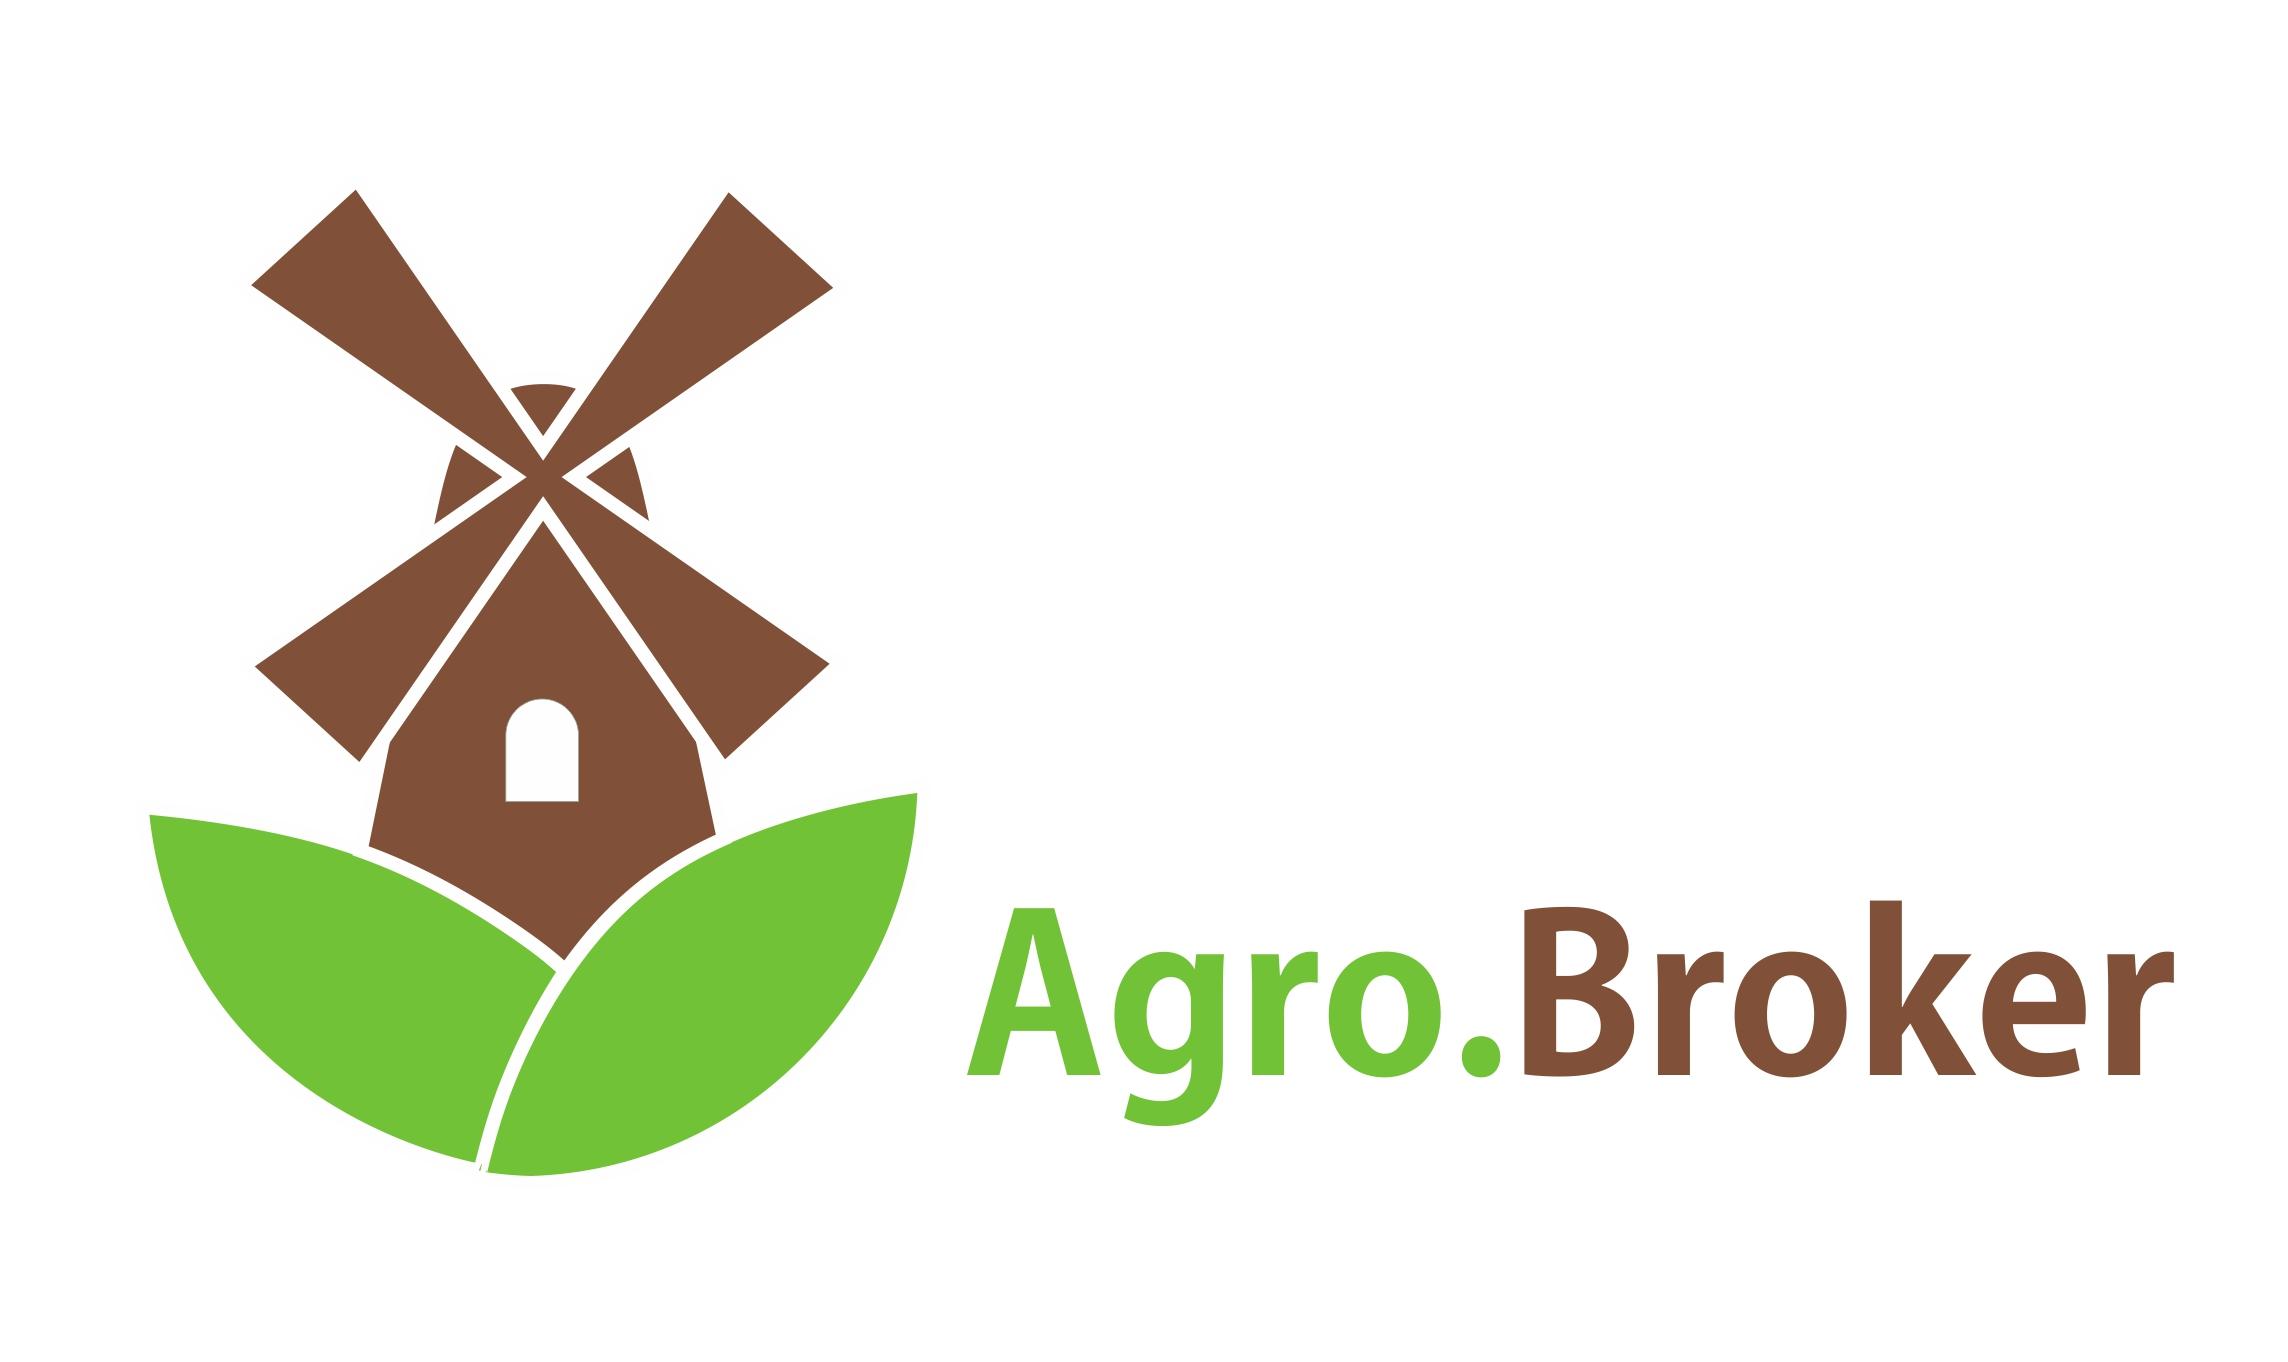 ТЗ на разработку пакета айдентики Agro.Broker фото f_47659675ea689db4.jpg